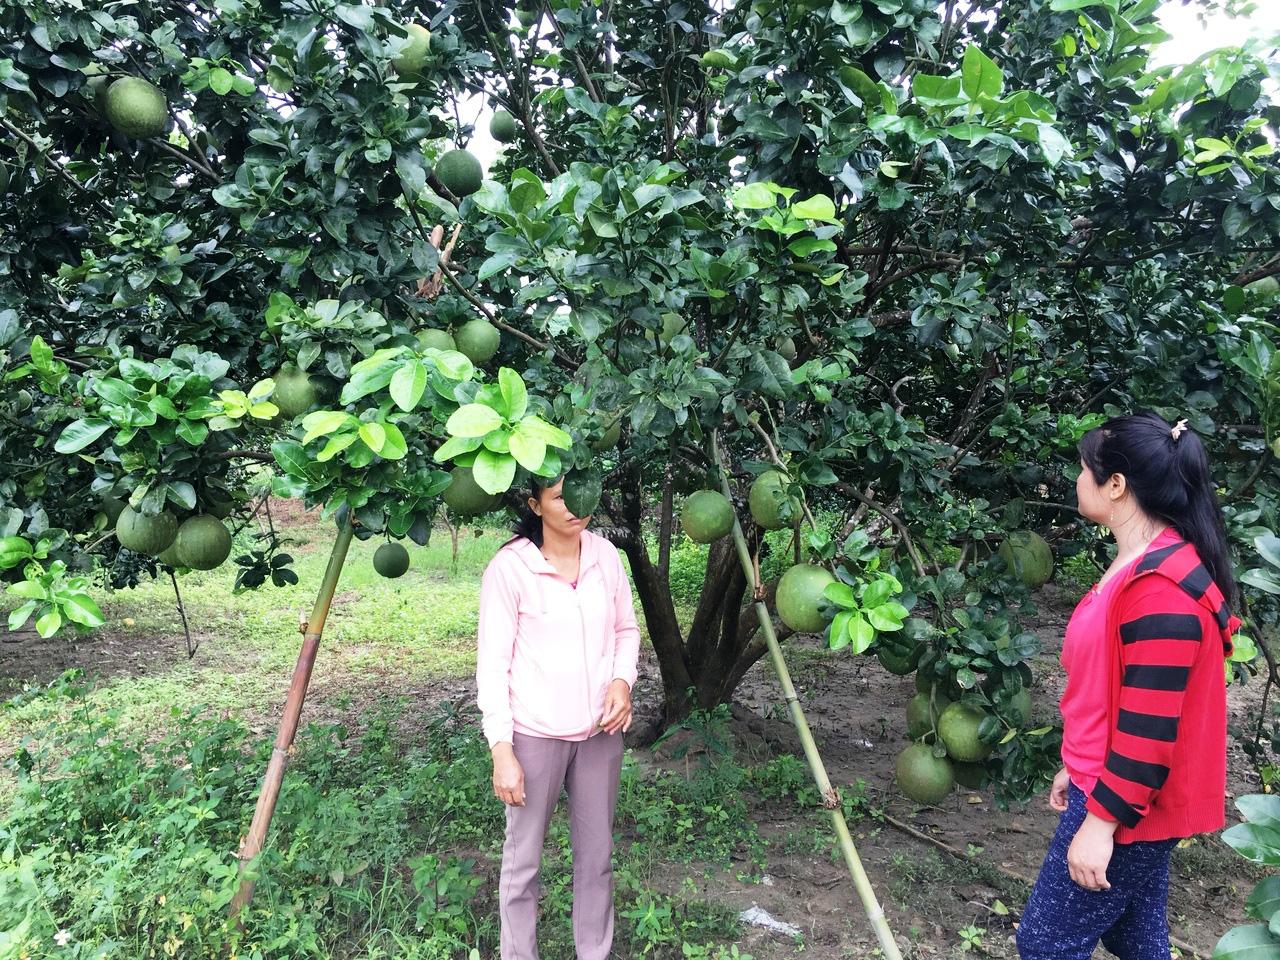 Hội Nông dân Khánh Hòa: Nhiều mô hình giúp hội viên, nông dân phát triển kinh tế - Ảnh 1.